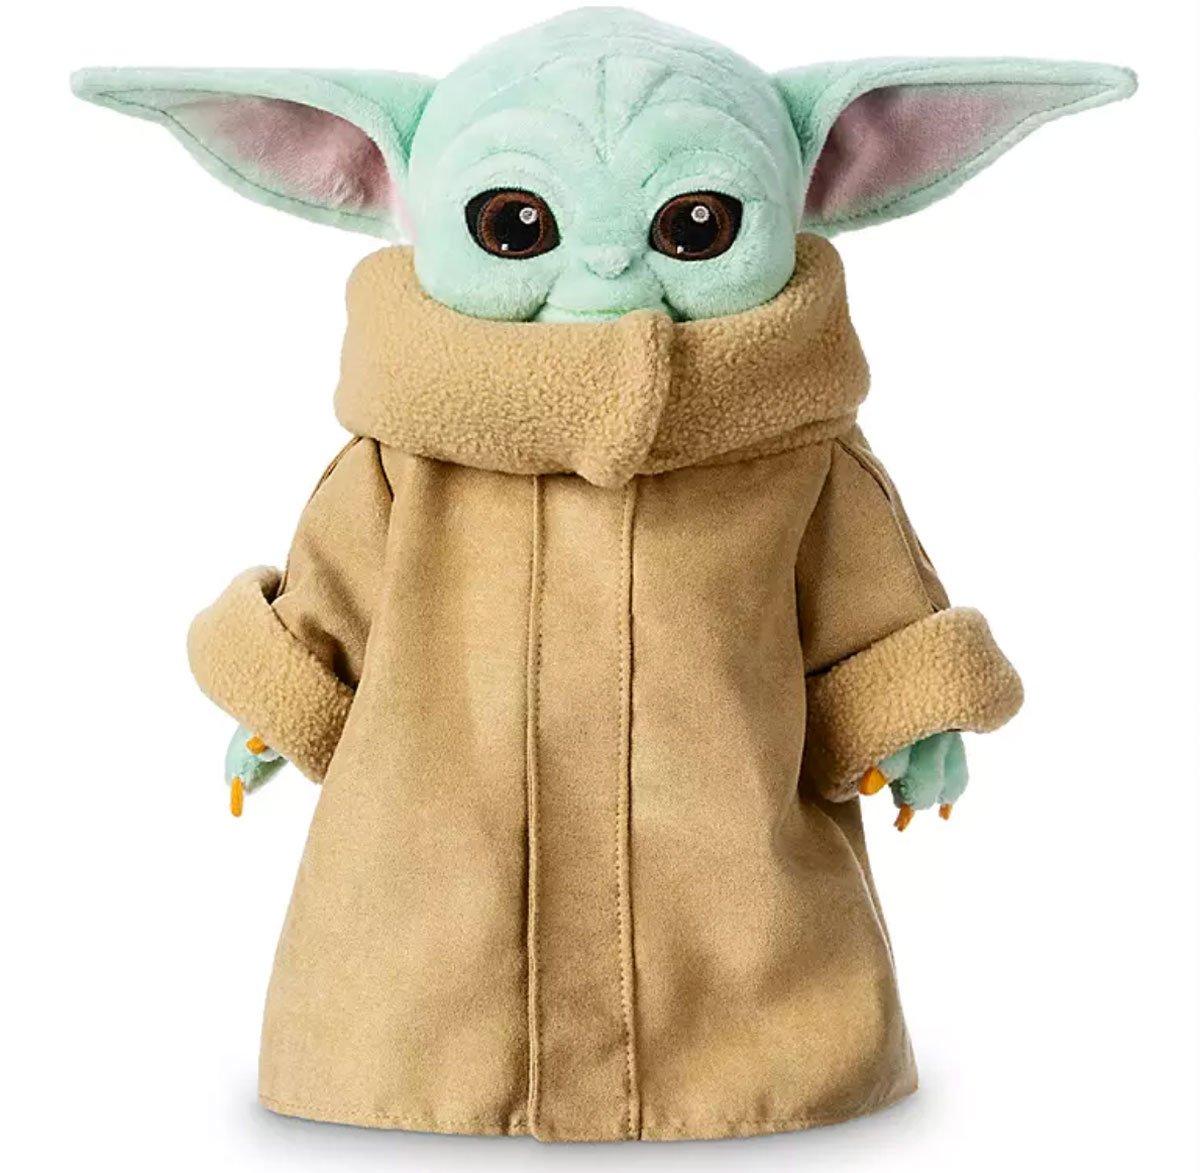 Baby Yoda plush toy from Disney+